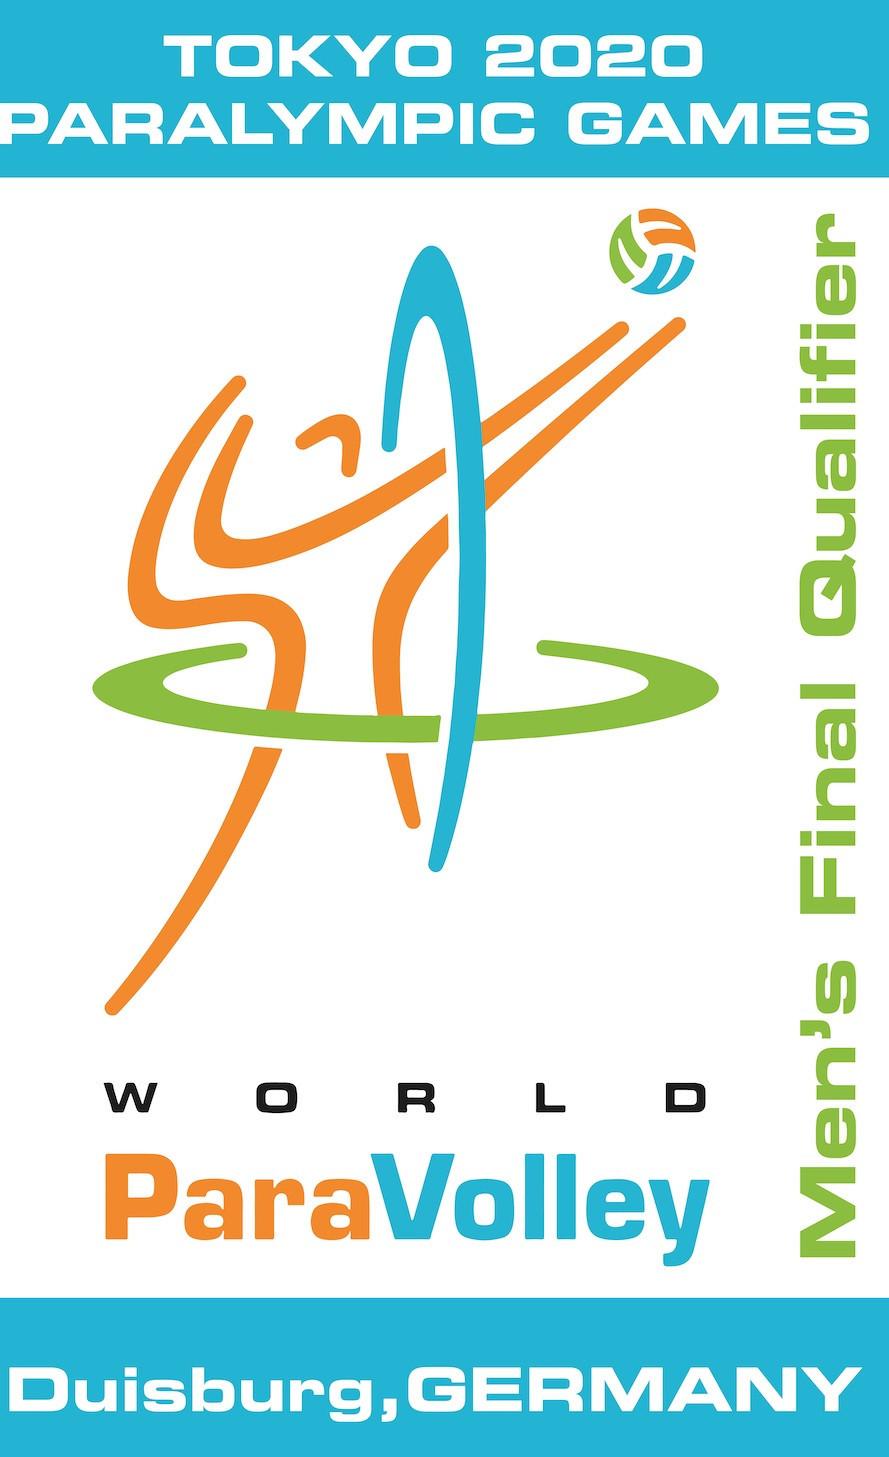 World Para Volley postpones final men's qualifier for rearranged Tokyo 2020